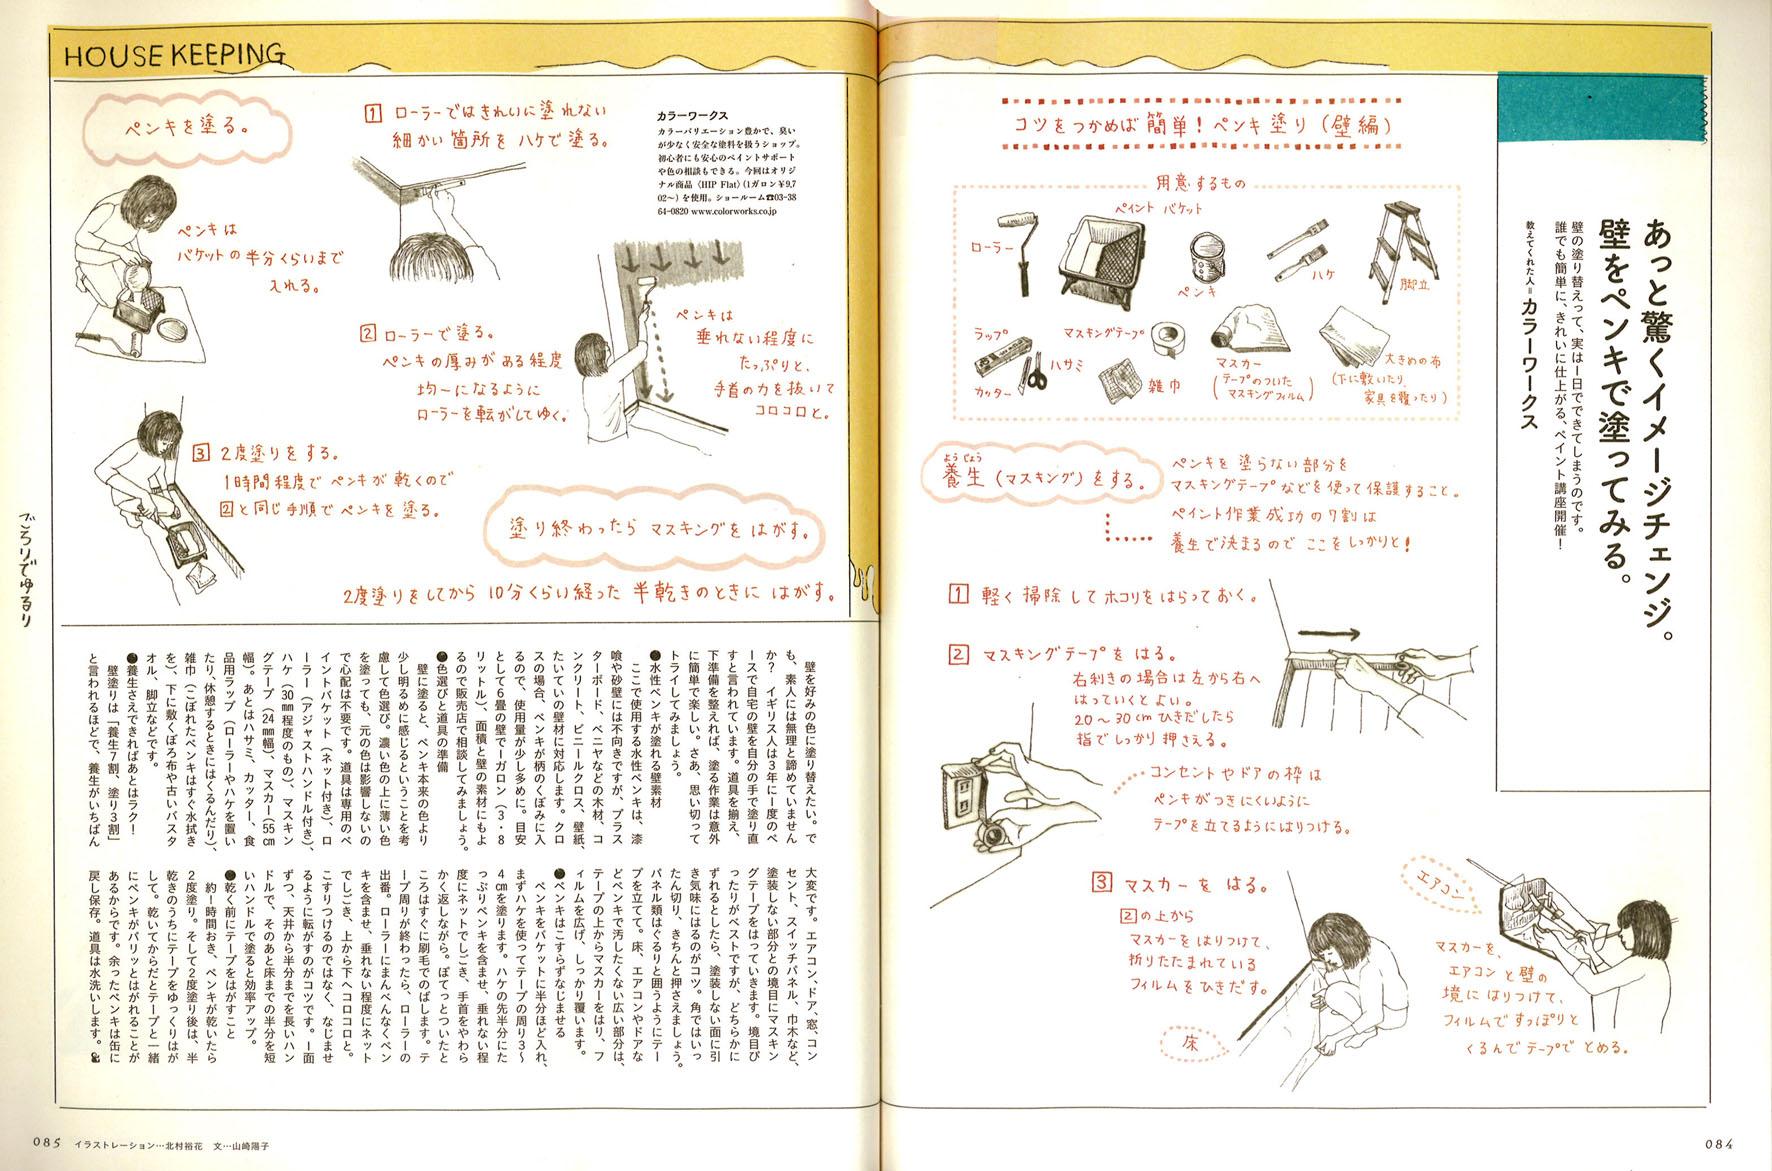 http://www.colorworks.co.jp/weblog/2011/11/30/kunel-2012.1-1-w.jpg